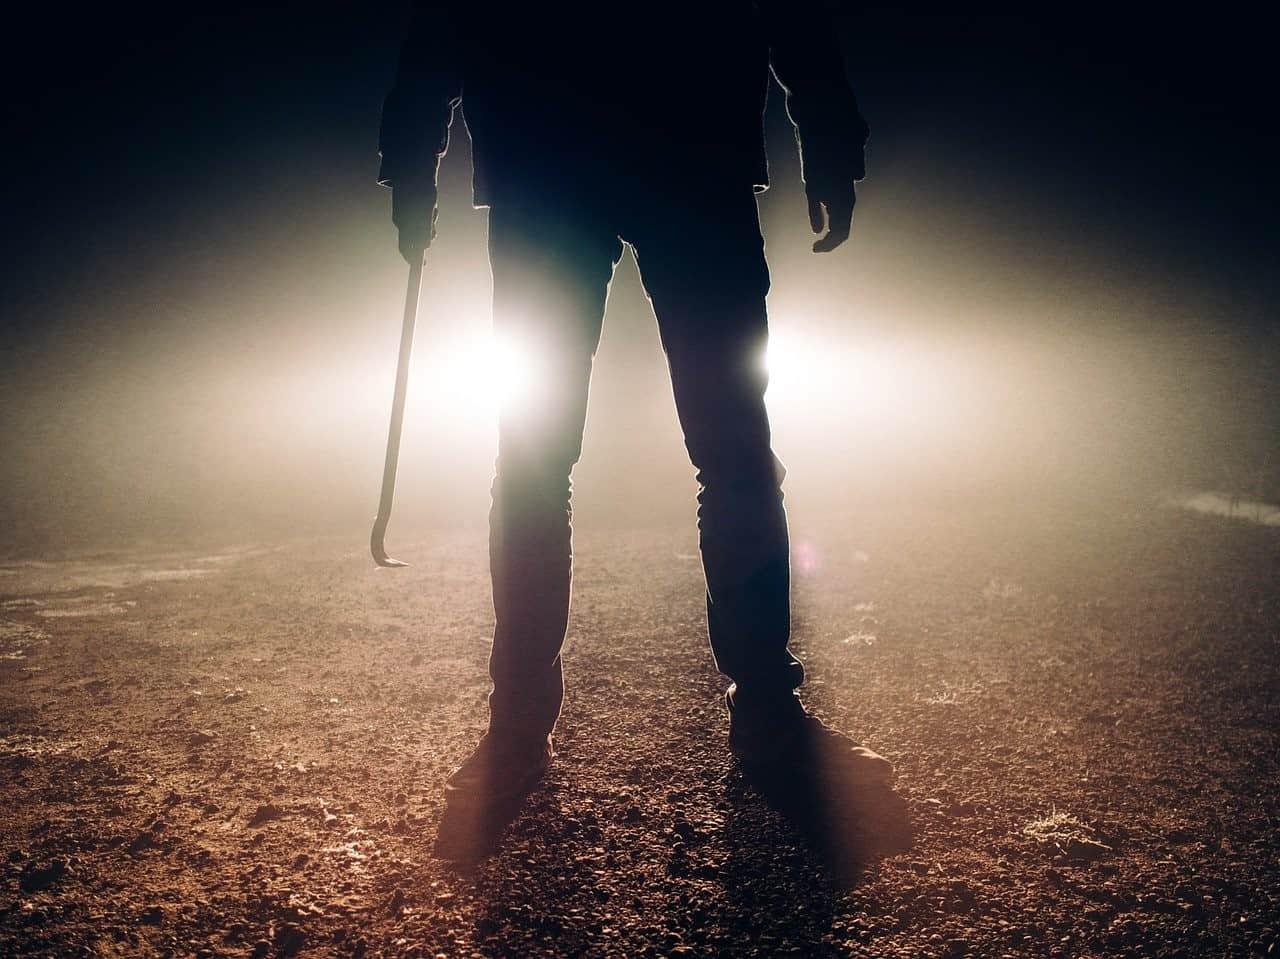 lights silhouette killer